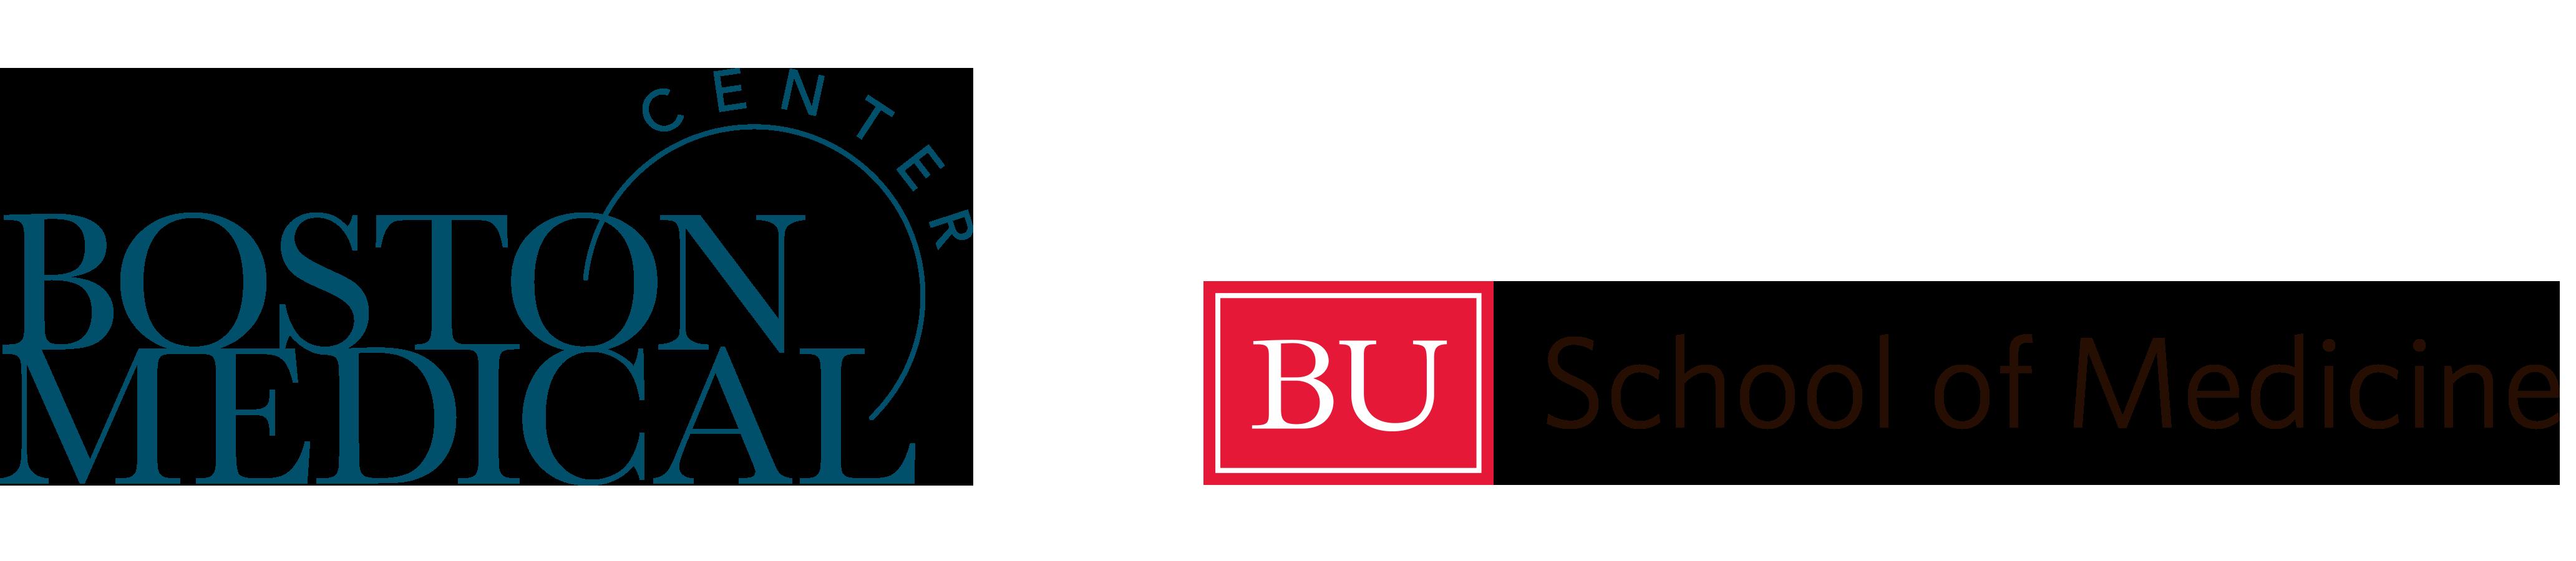 BMC-BU